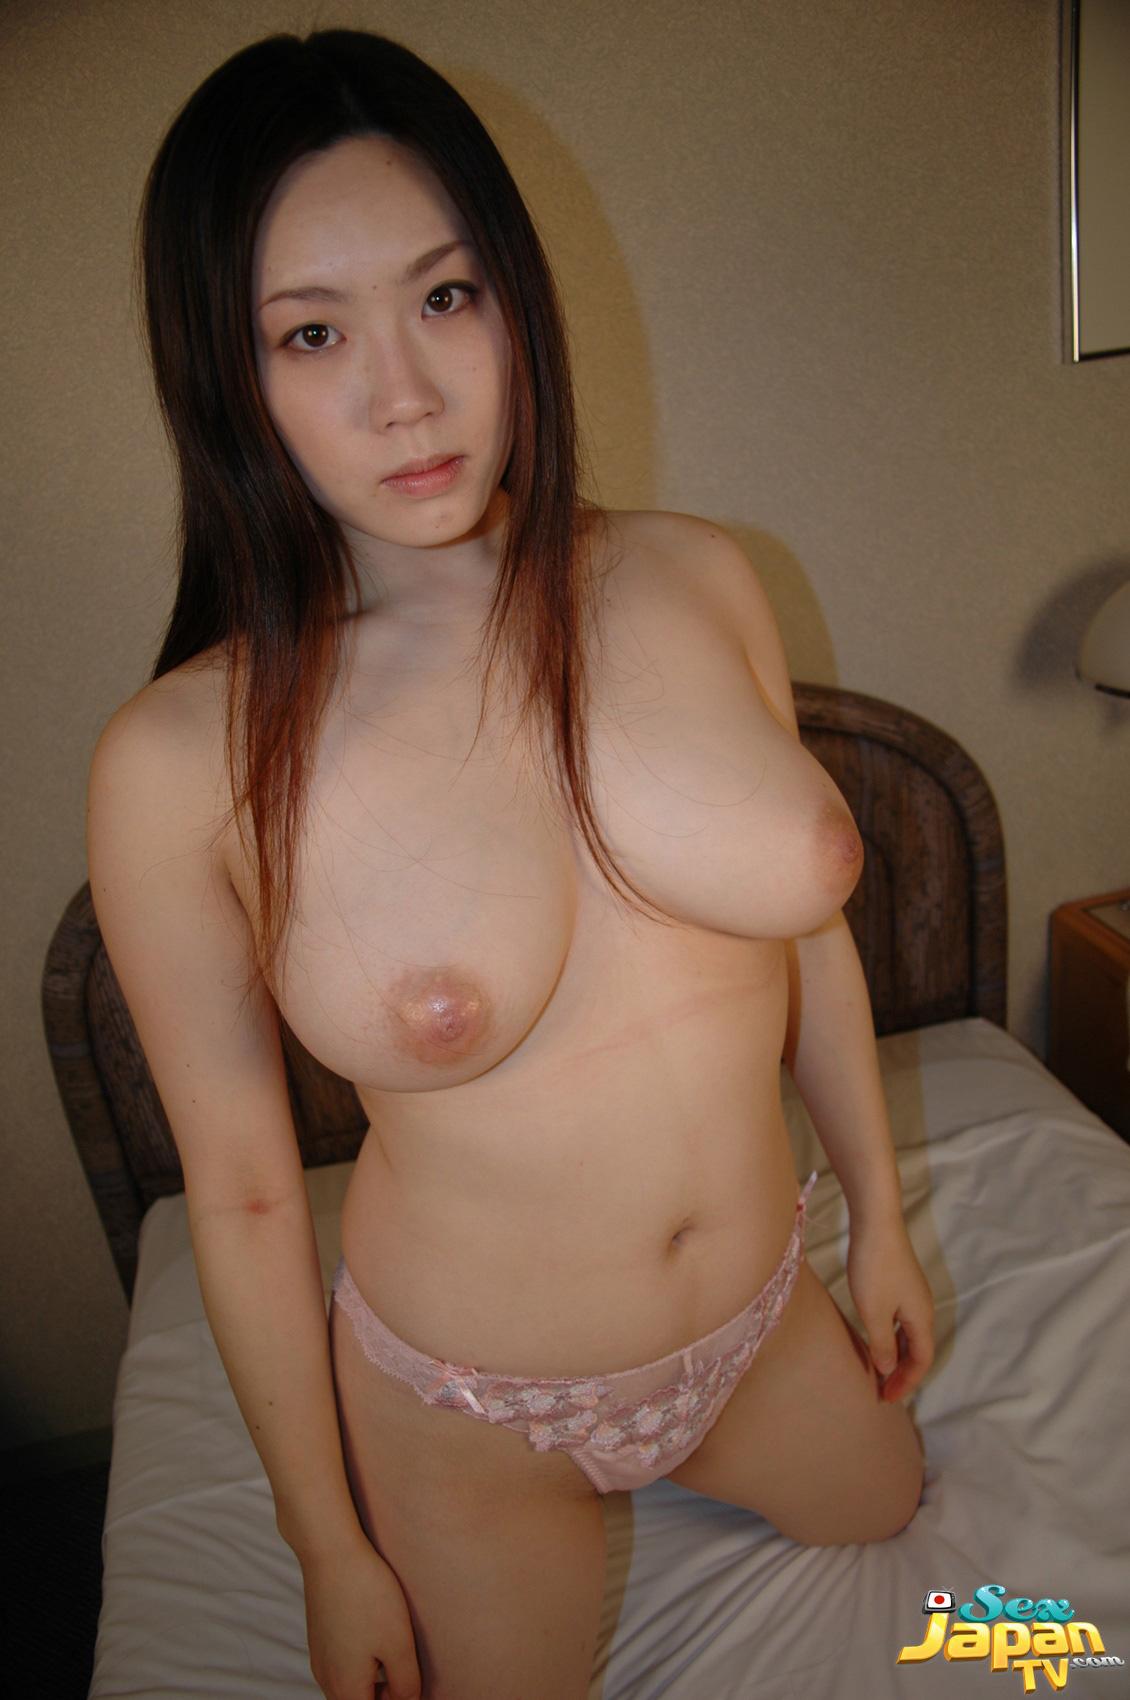 Big Tits Asian Porn